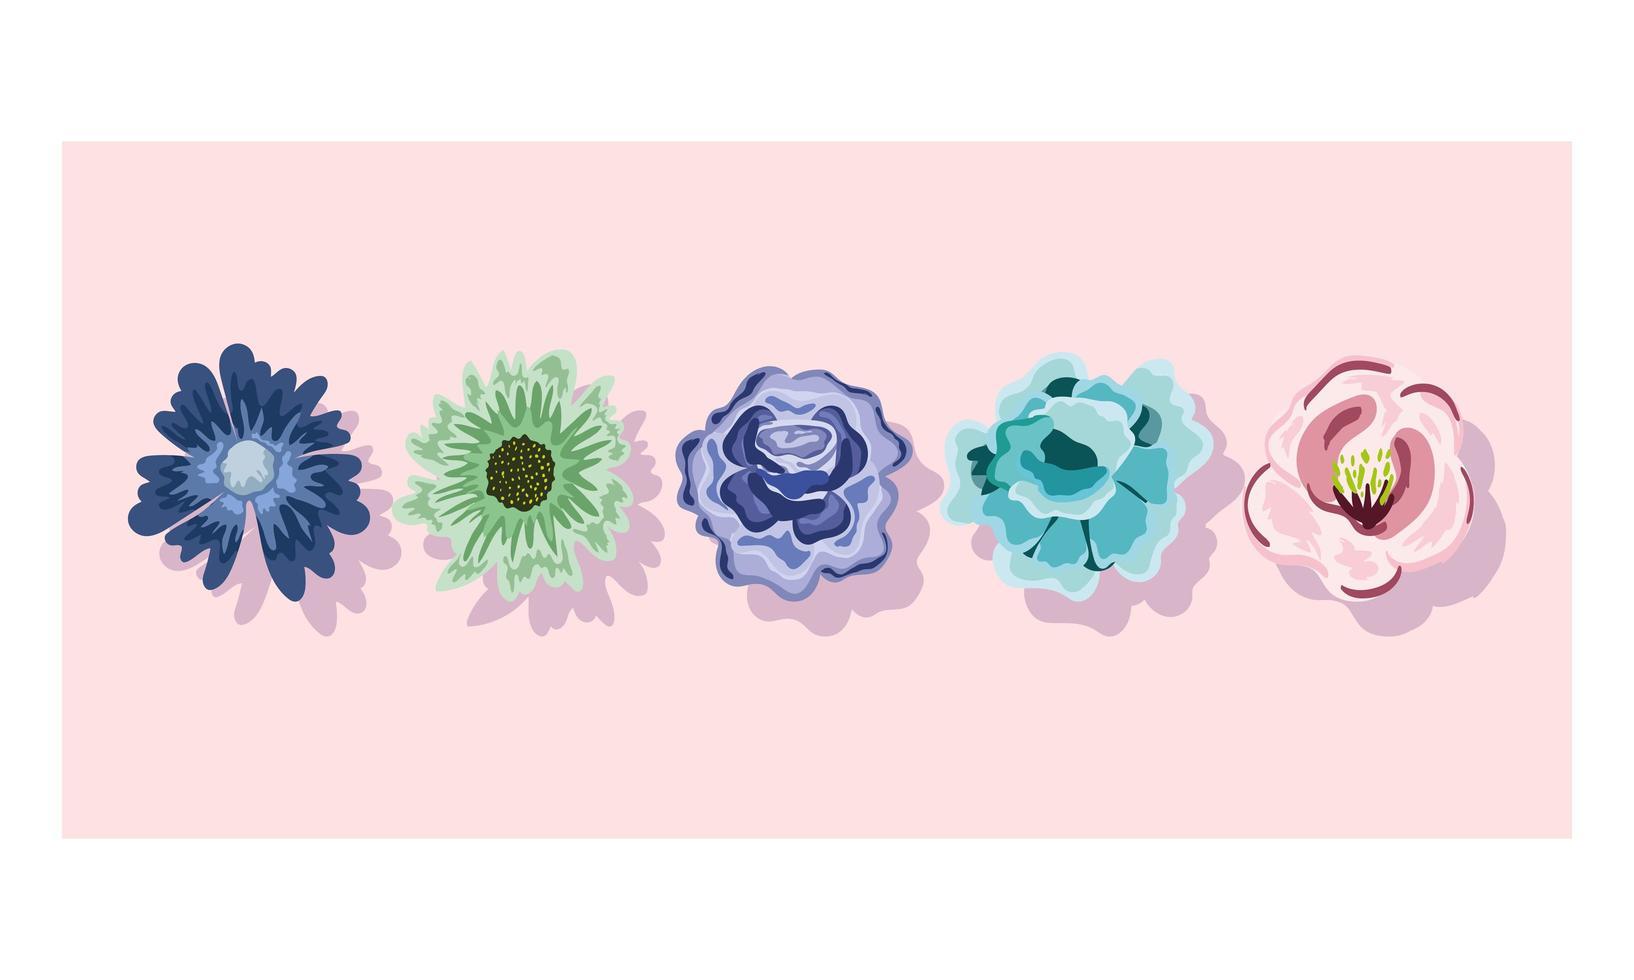 ornement de décoration de fleurs délicates. conception florale de la nature vecteur